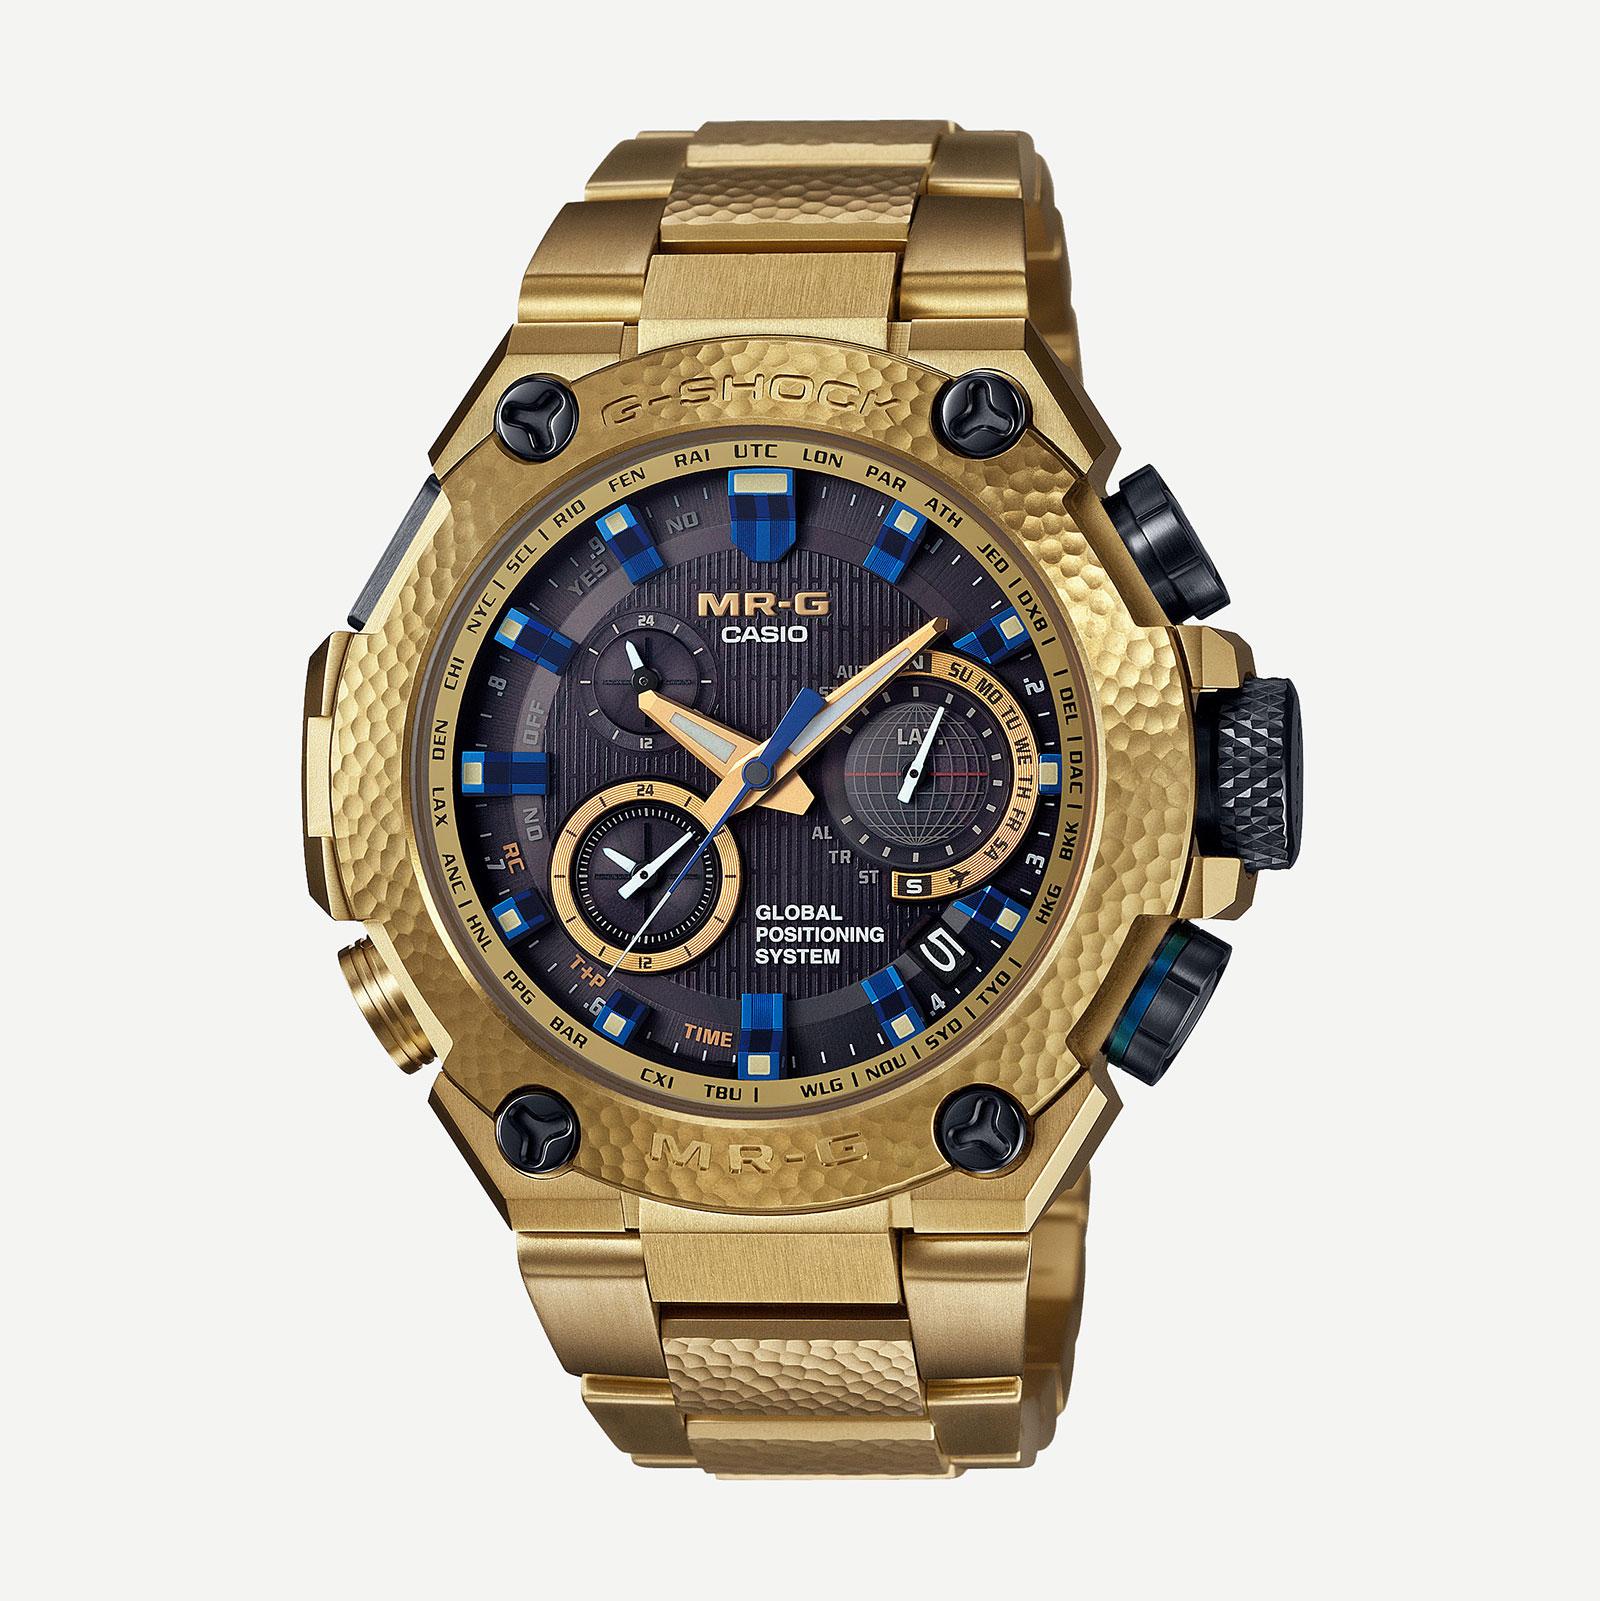 Casio G-Shock MR-G Gold Hammer Tone 7